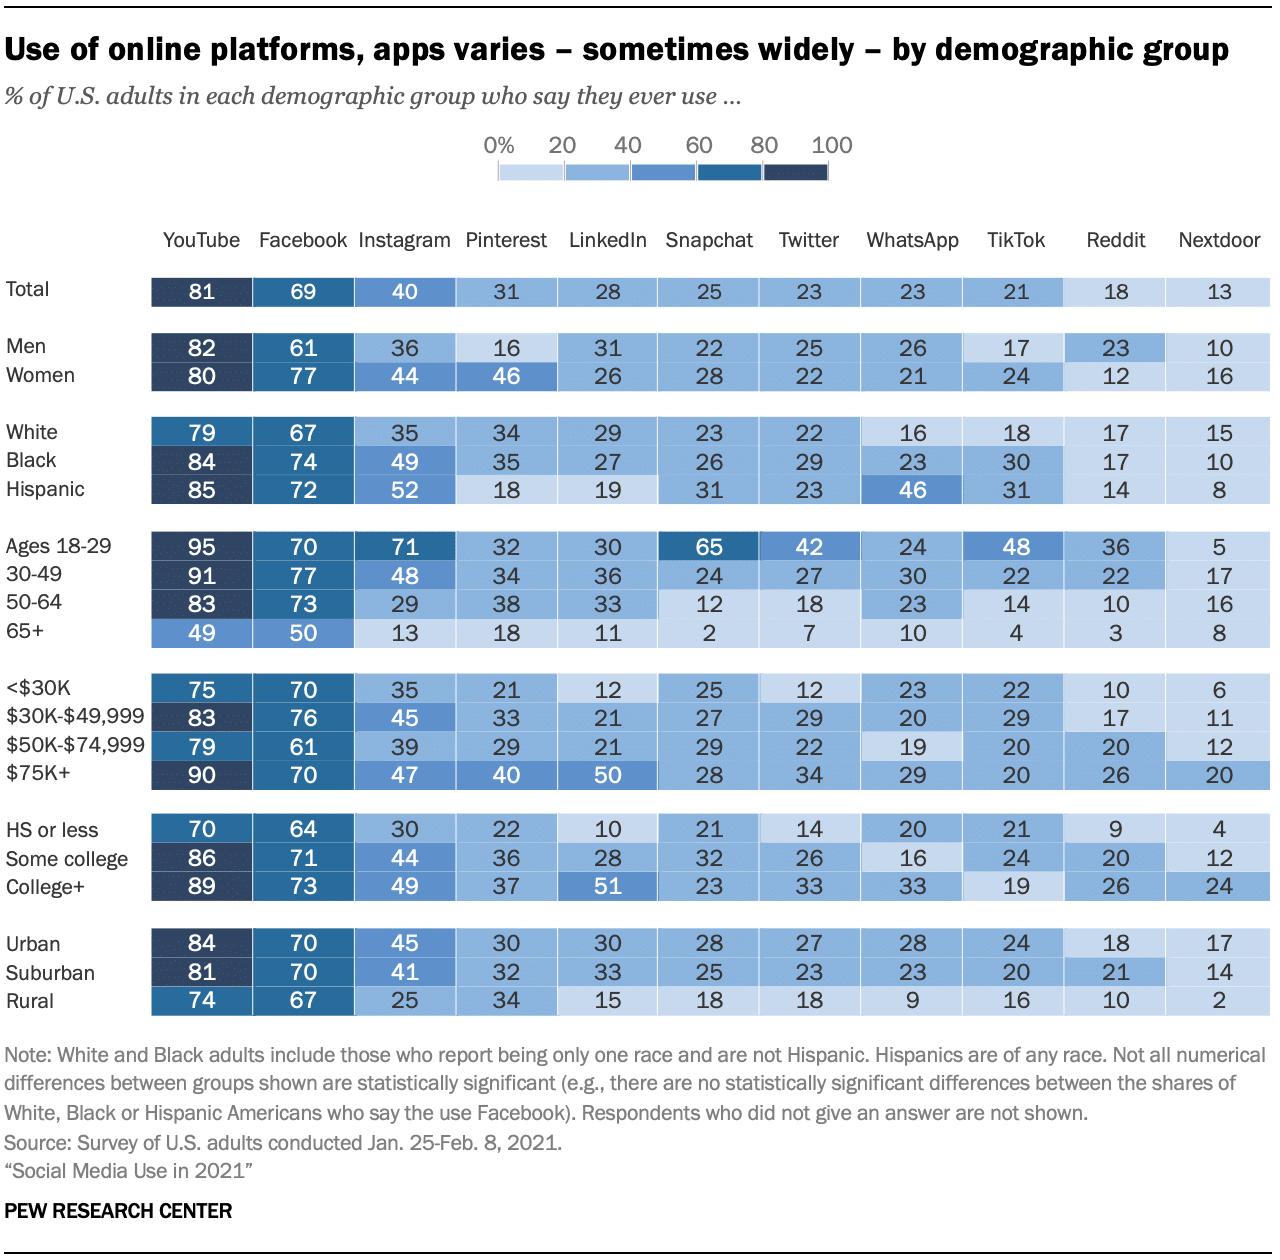 Использование онлайн-платформ, приложений зависит от демографической группы